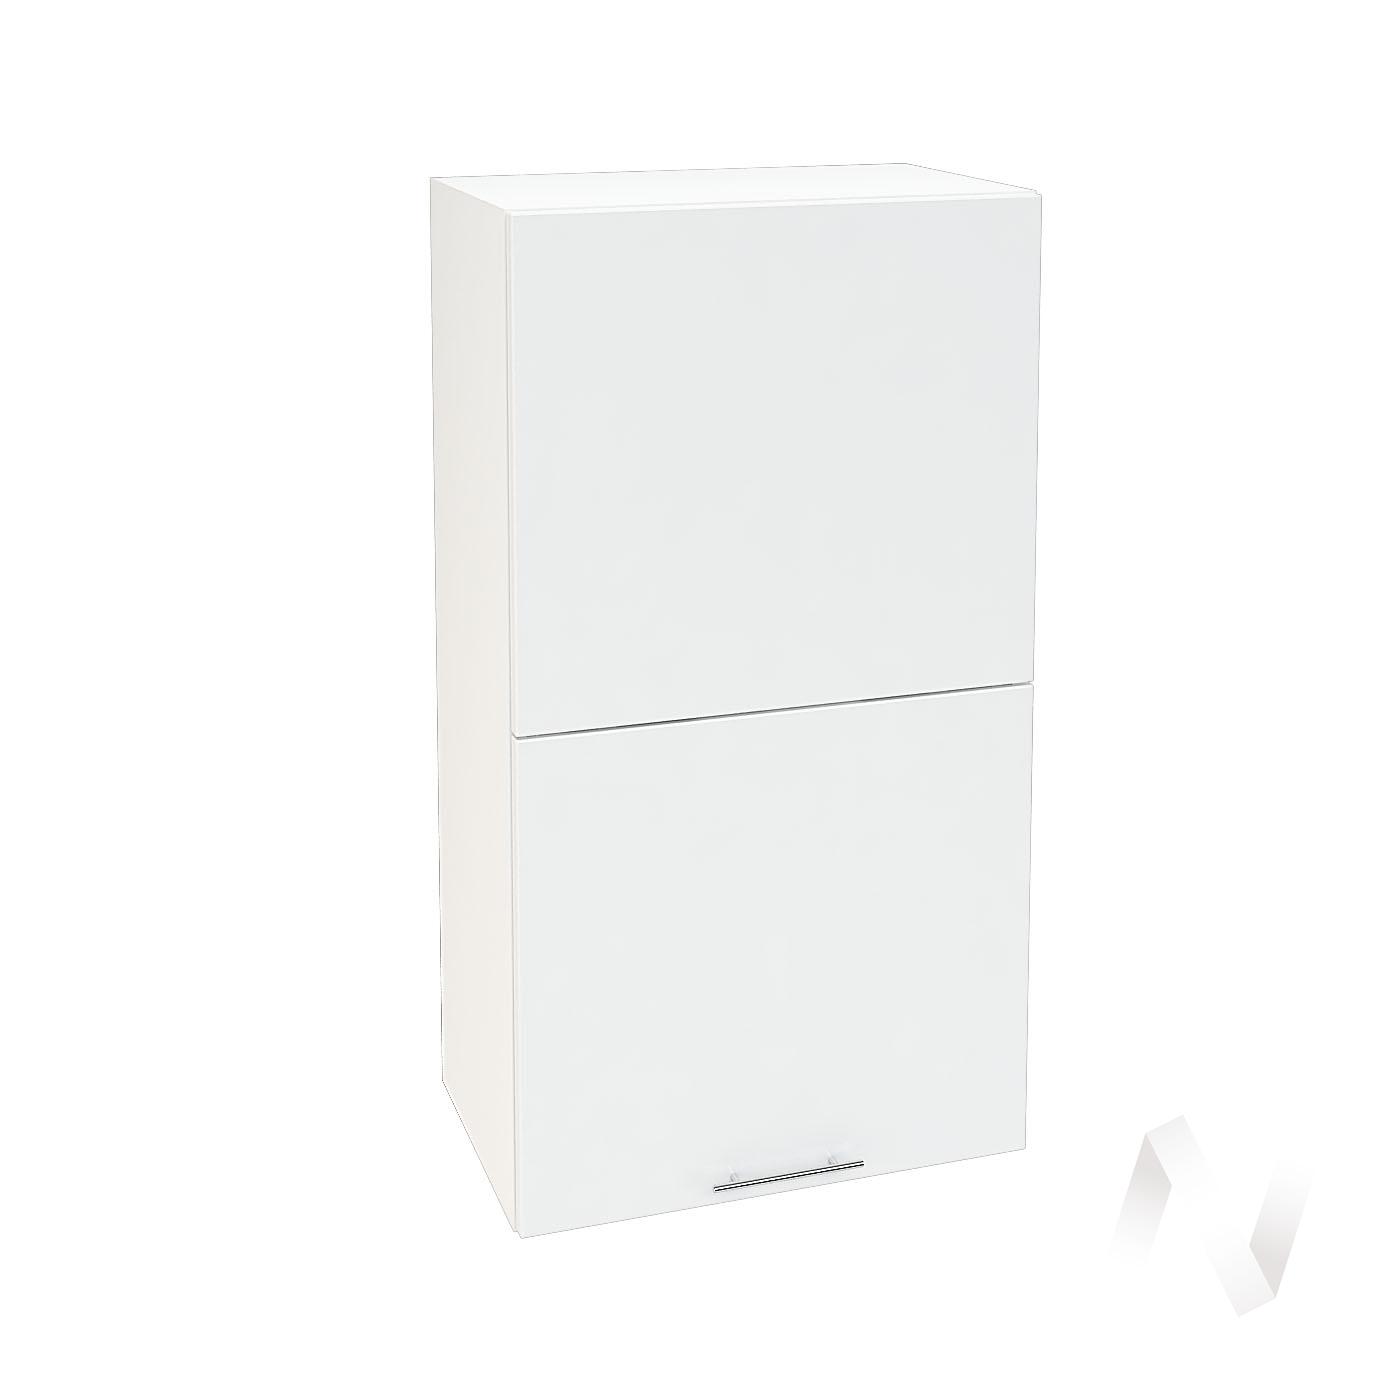 """Кухня """"Валерия-М"""": Шкаф верхний горизонтальный 502, ШВГ 502 (белый глянец/корпус белый)"""